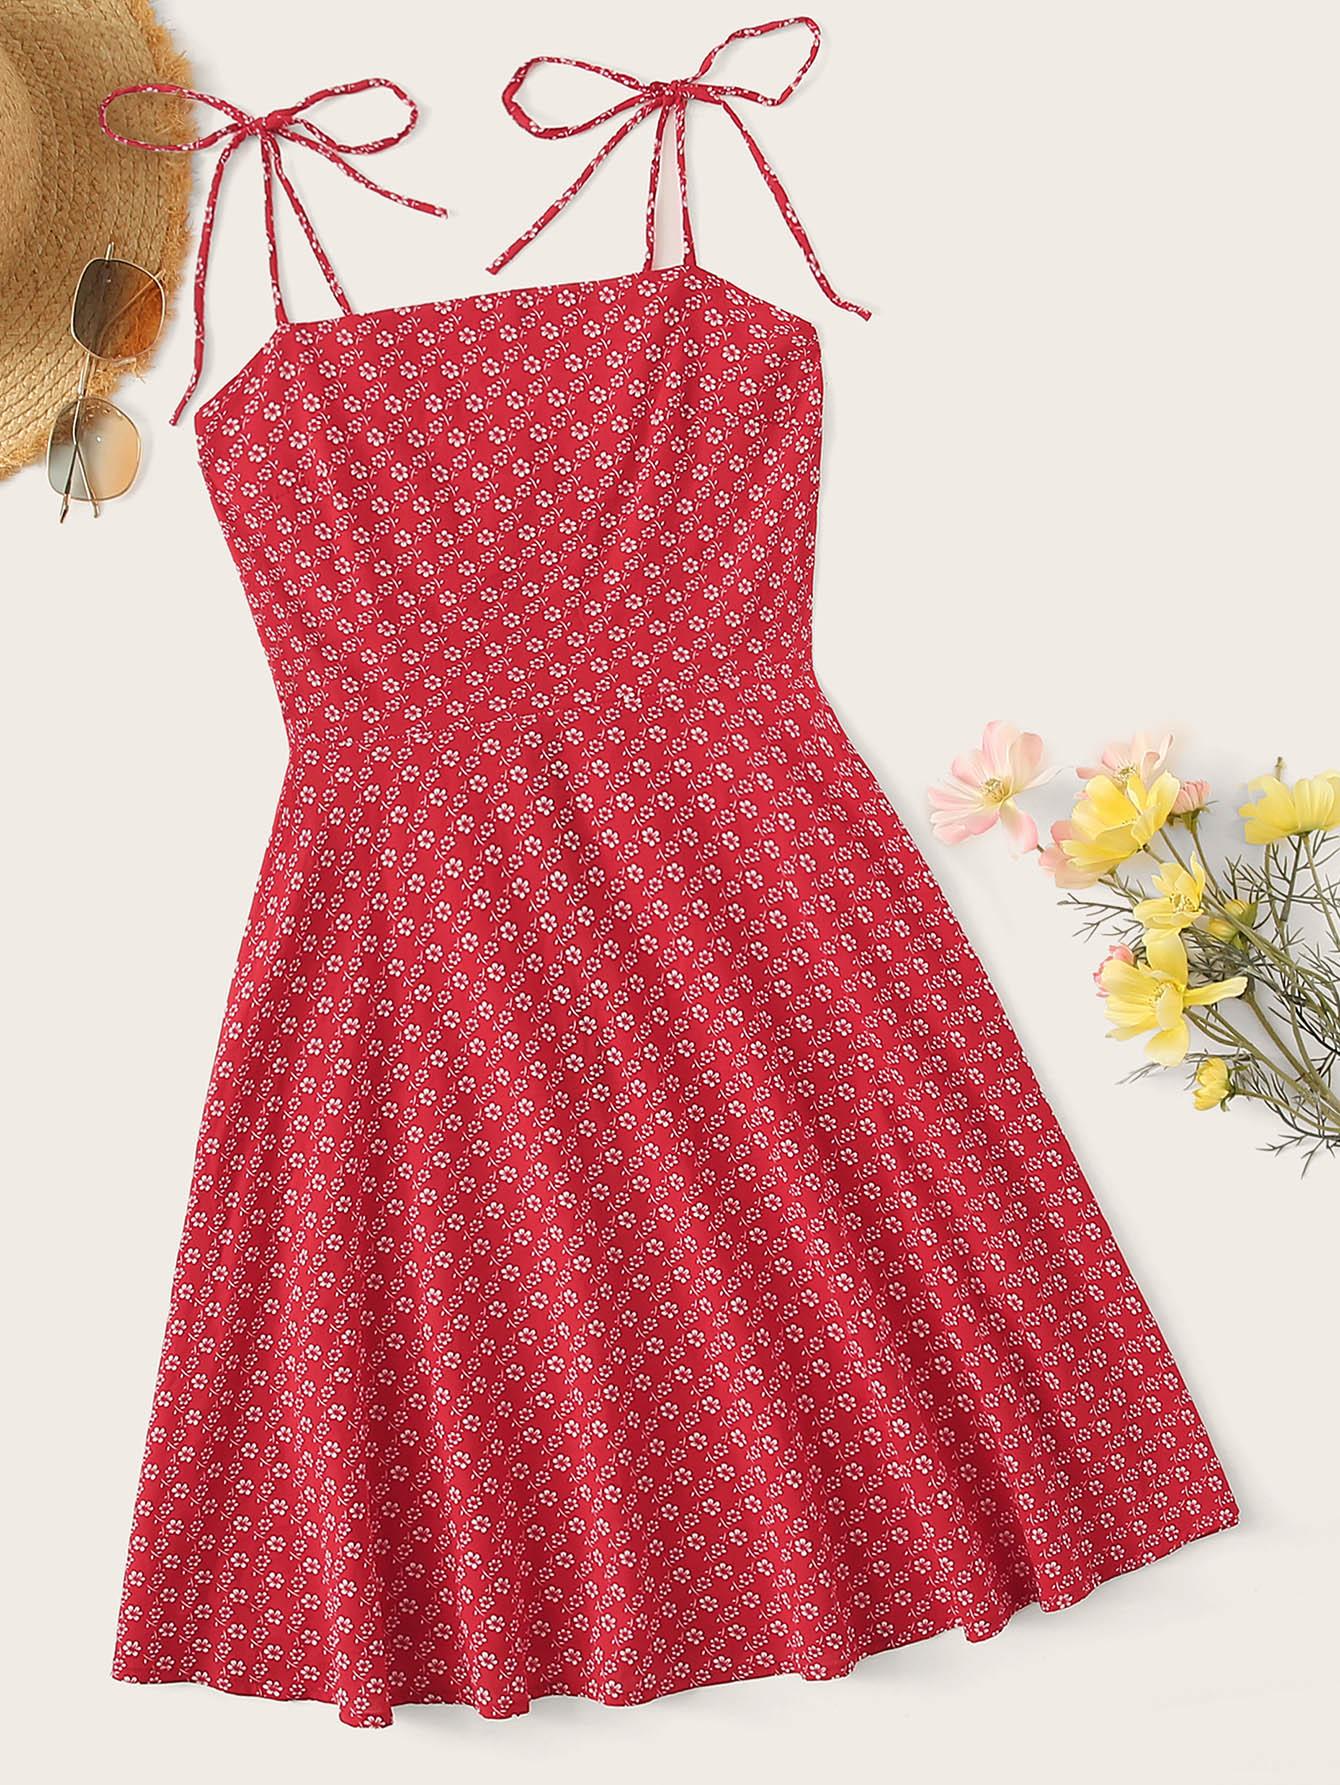 Фото - Цветочное платье на бретелях с молнией сзади от SheIn цвет красные